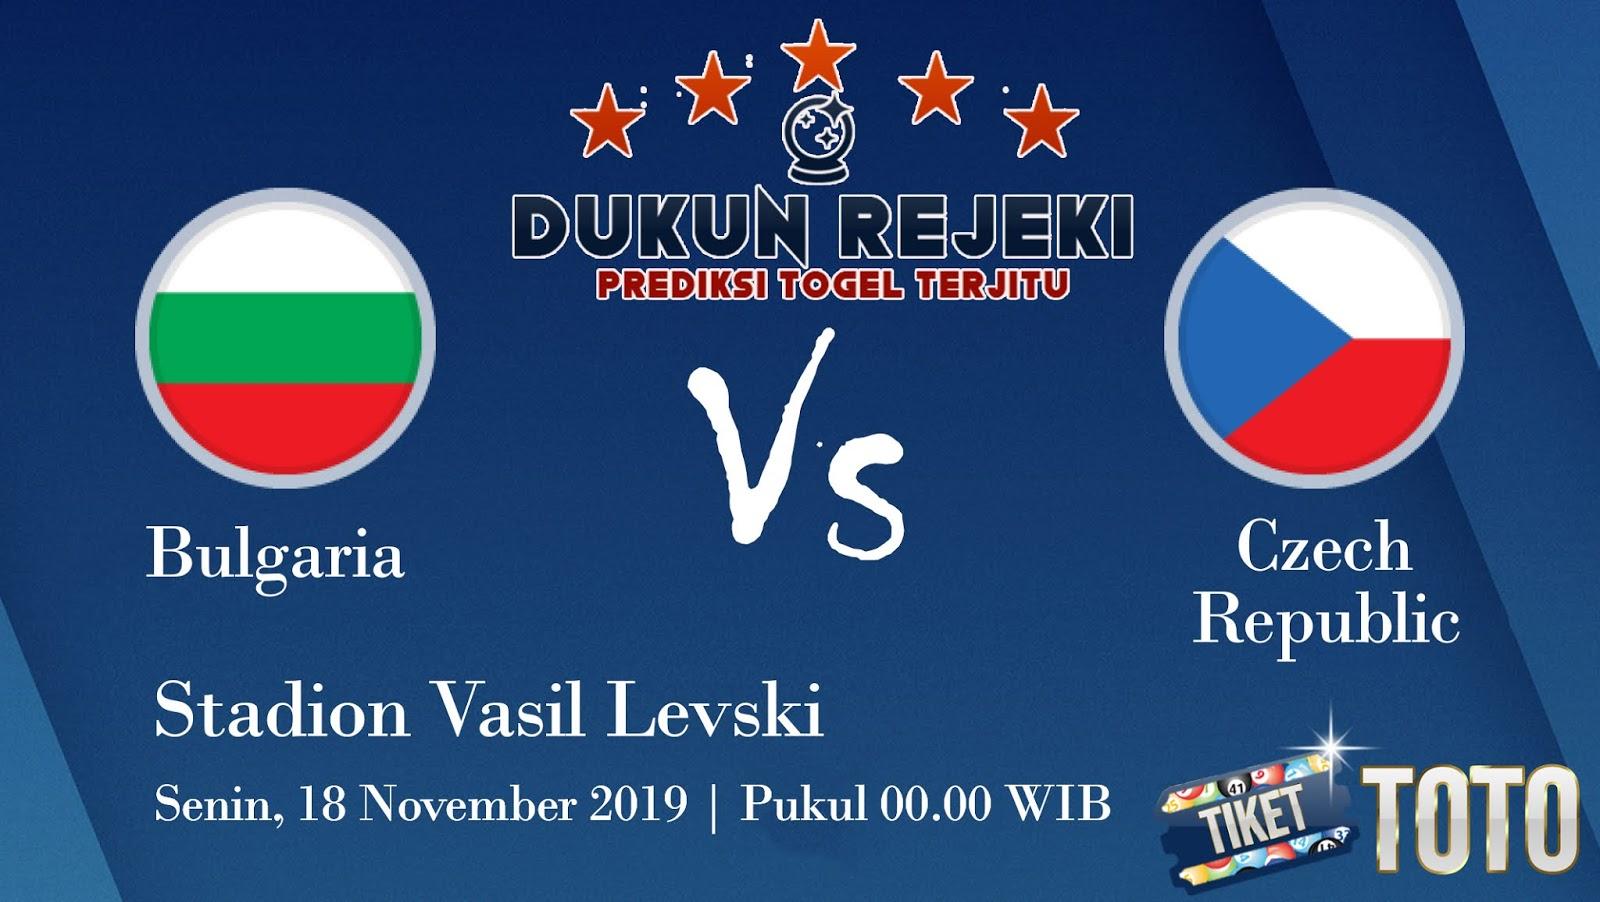 Prediksi Bulgaria vs Czech Republic 18 November 219